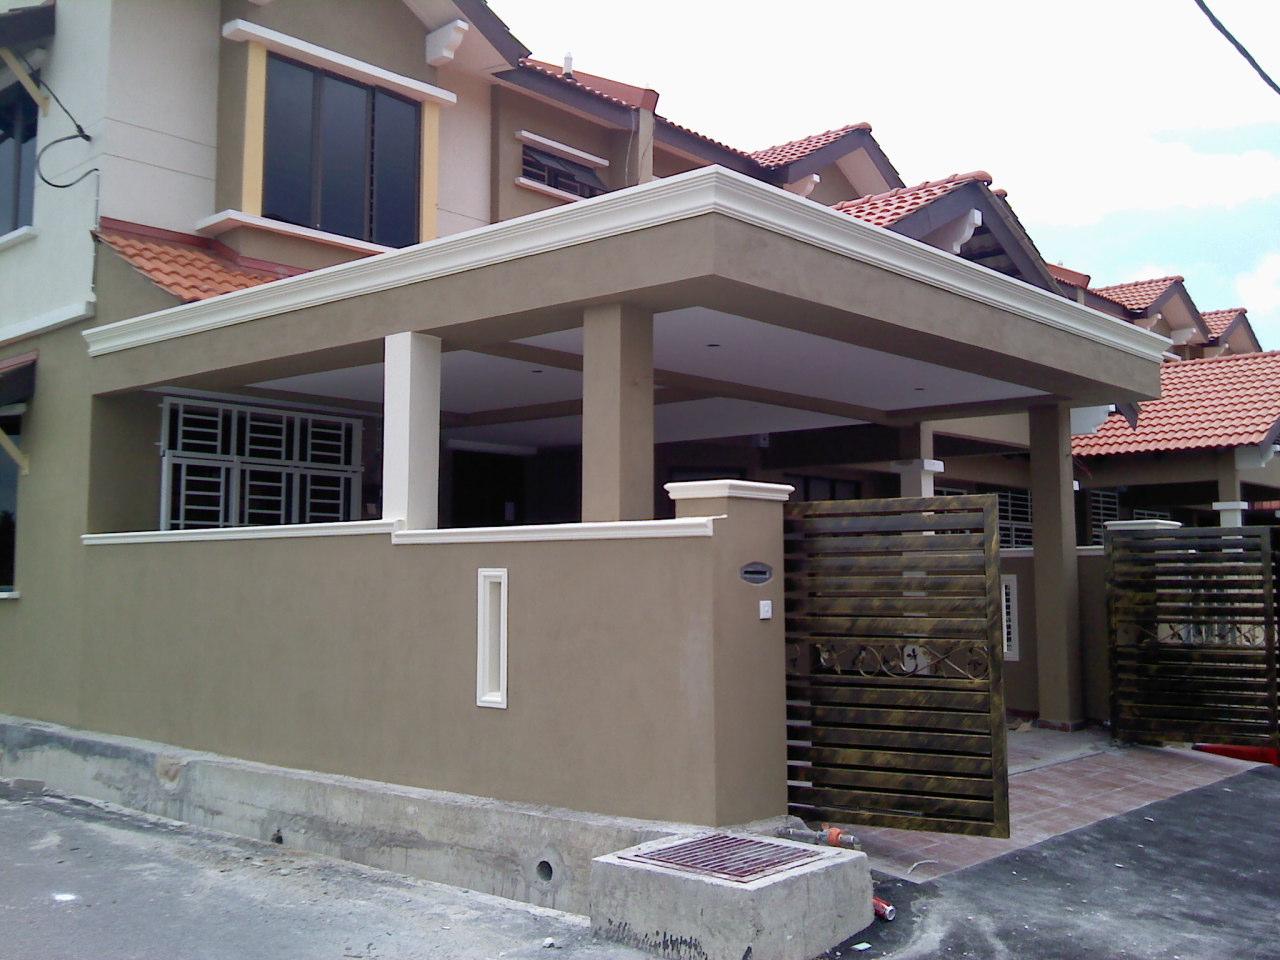 .: Kitchen & Car Porch Extension